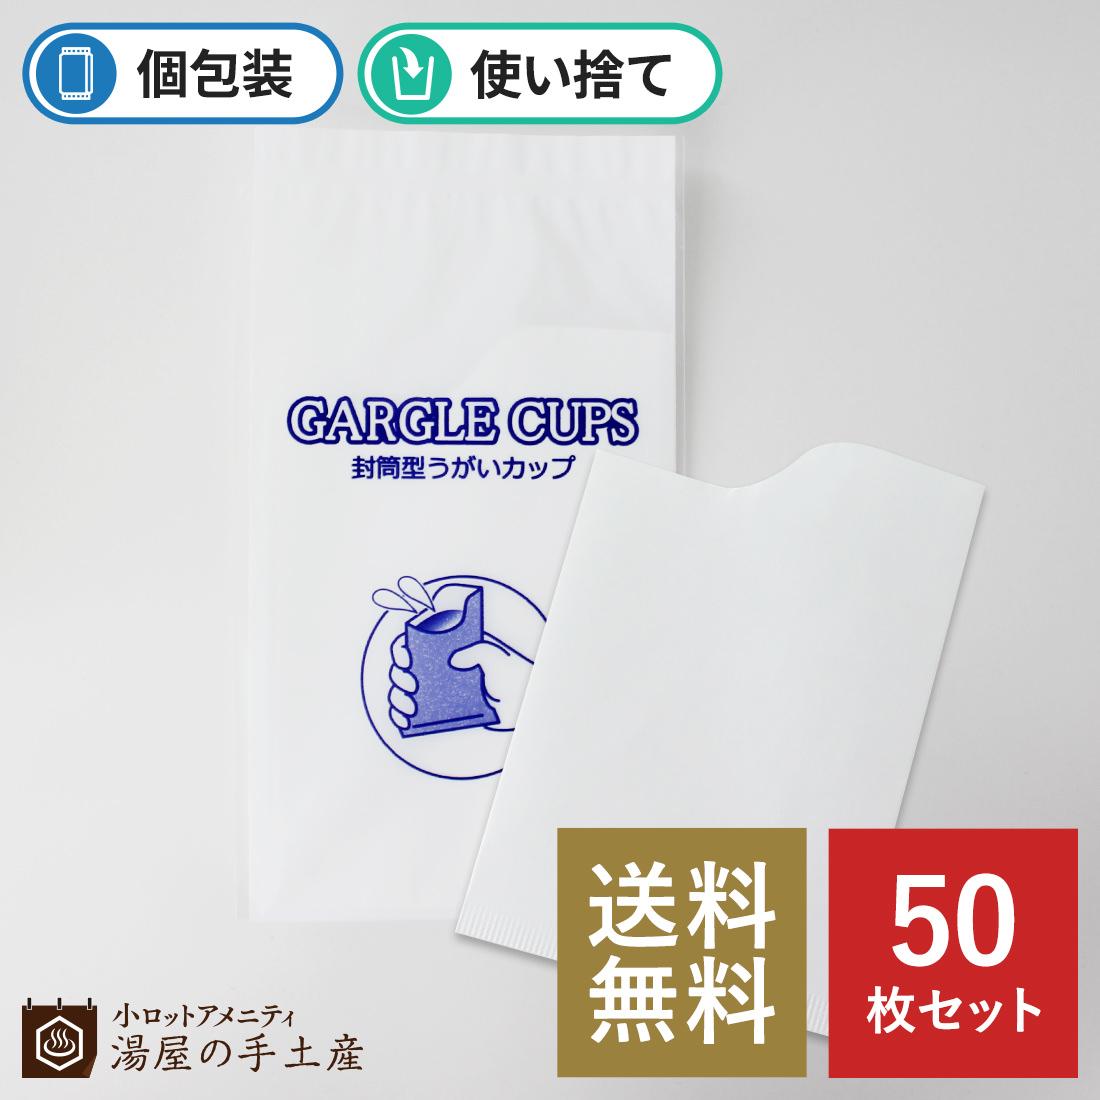 1枚あたり20円 感染症対策にも有効な個包装 使い捨て 送料無料 封筒型うがいカップ 格安 超目玉 GARGLE CUPS 日本製 感染症対策 うがい用 アメニティ 50枚 個包装 ガーグルカップ